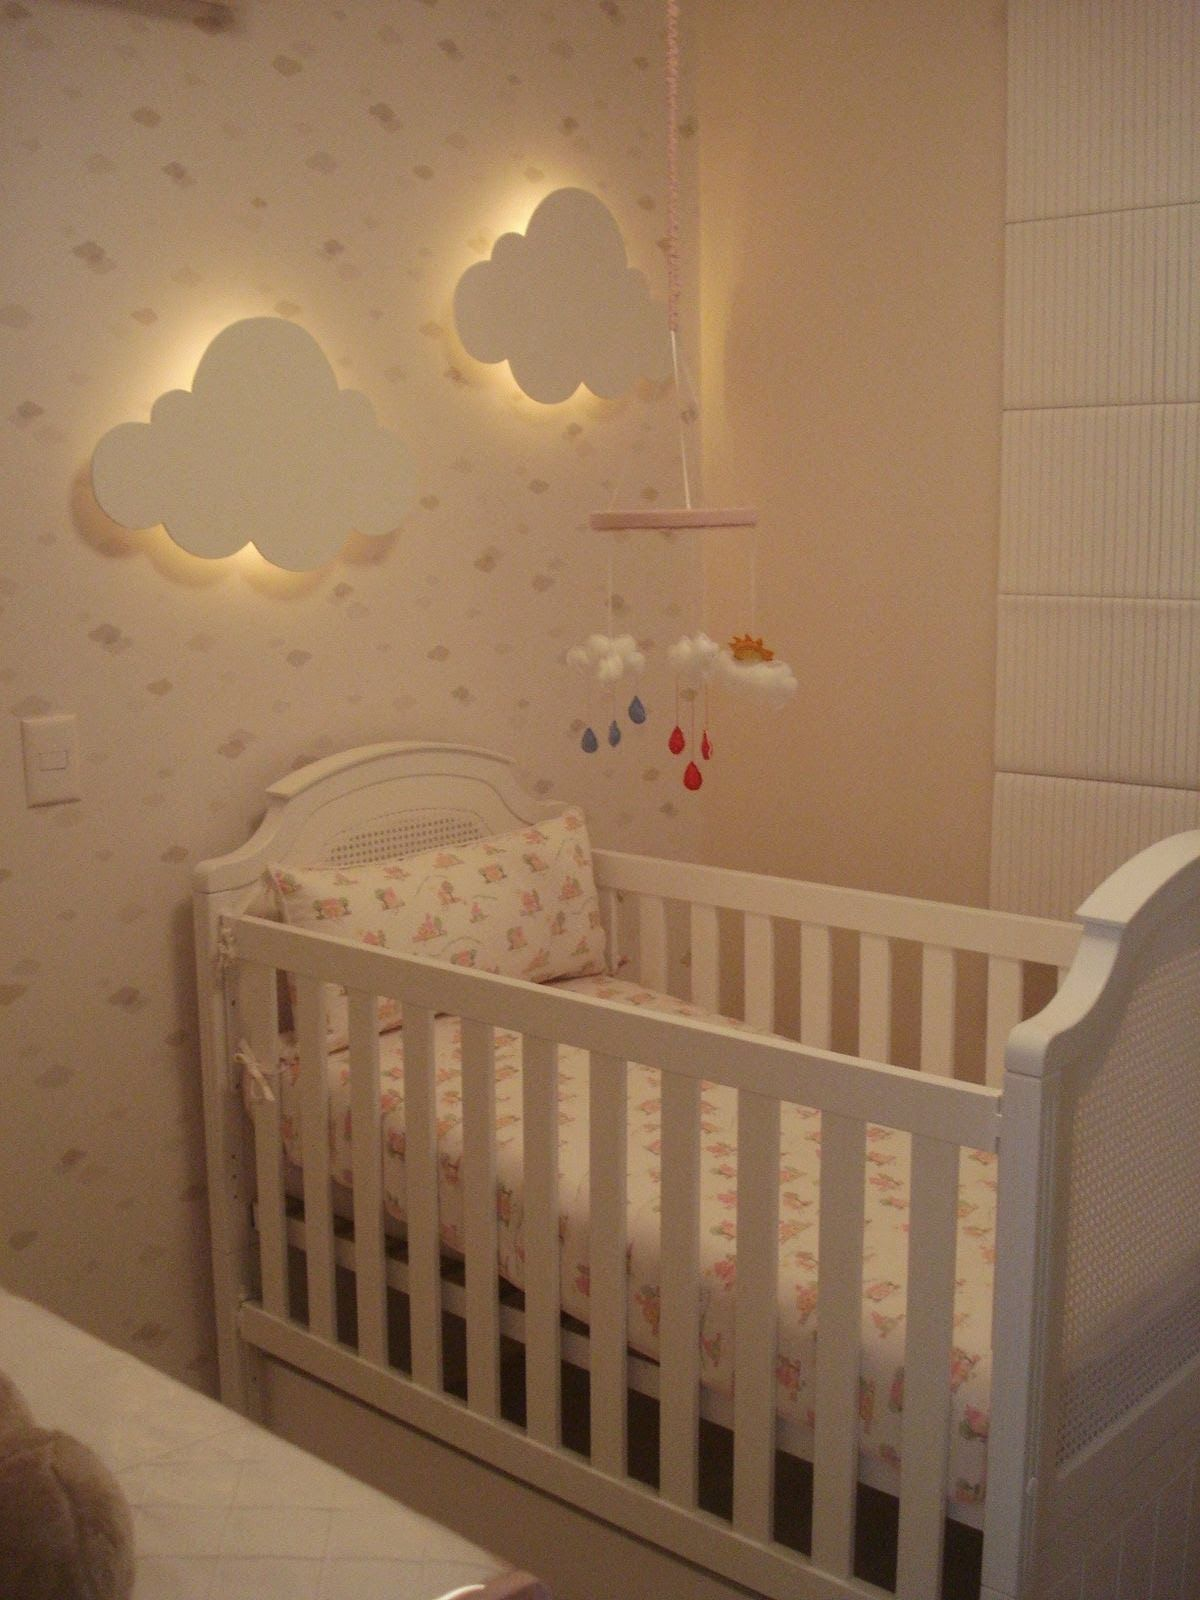 30fef659dd Idee cameretta bimbi - luce diffusa a forma di nuvola, anche fai da te - la  scelta giusta per la stanza dei più piccoli è quella di una luce delicata e  ...